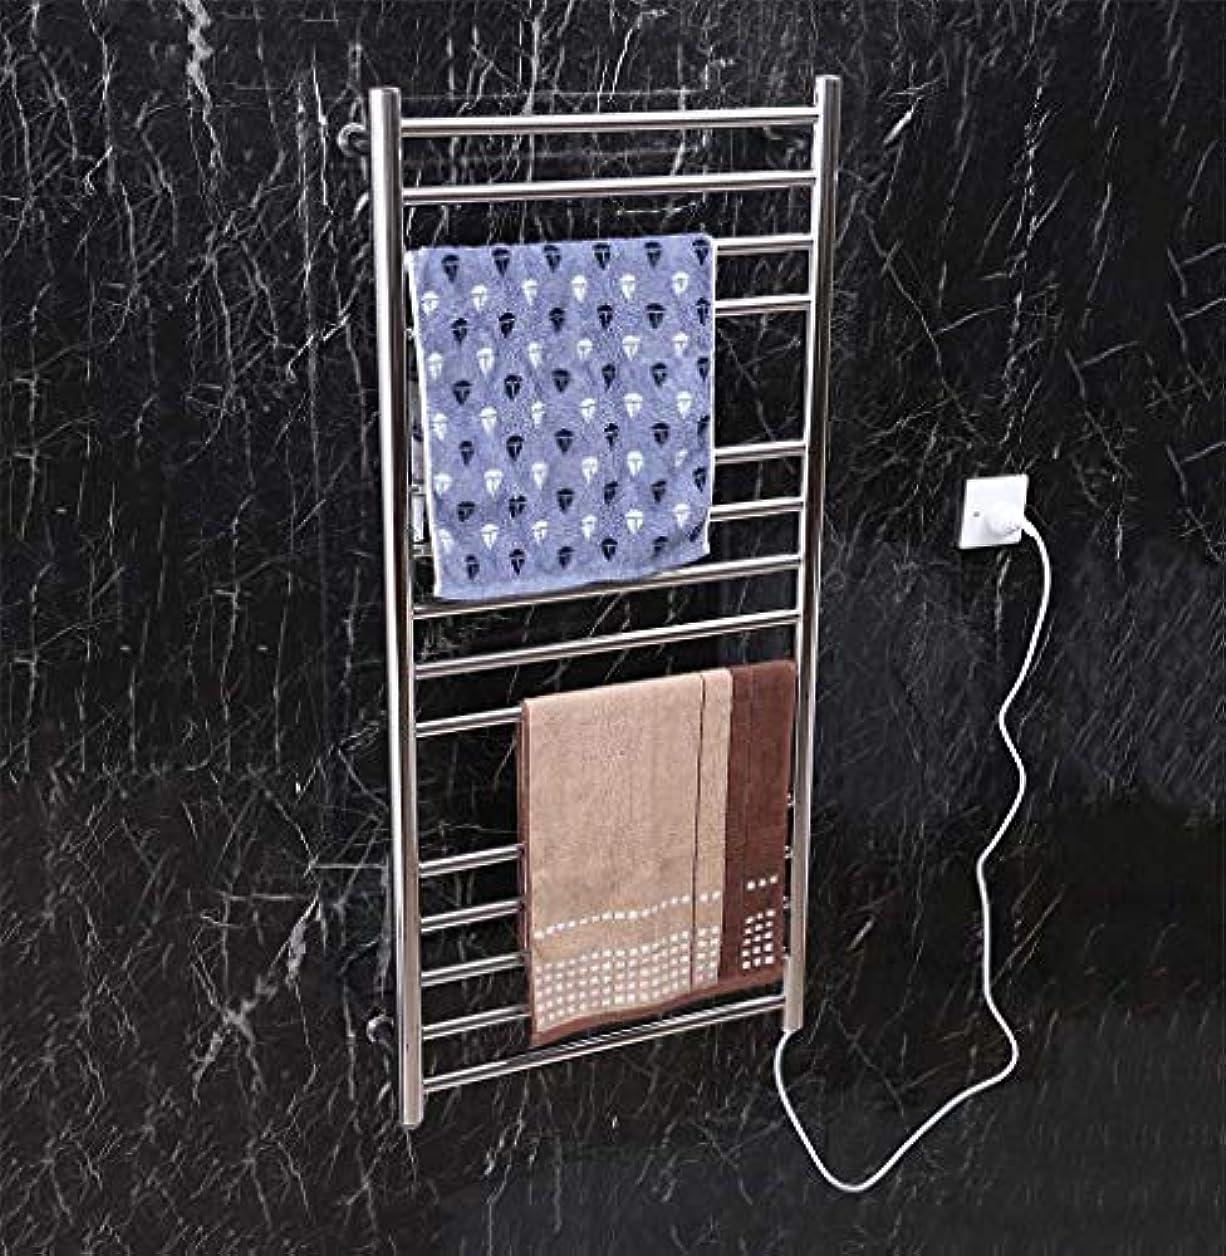 スマート電気タオルウォーマー、304ステンレススチール壁掛け電気タオルラジエーター、家庭用ホテルのバスルームシェルフ、1100X520X120mm